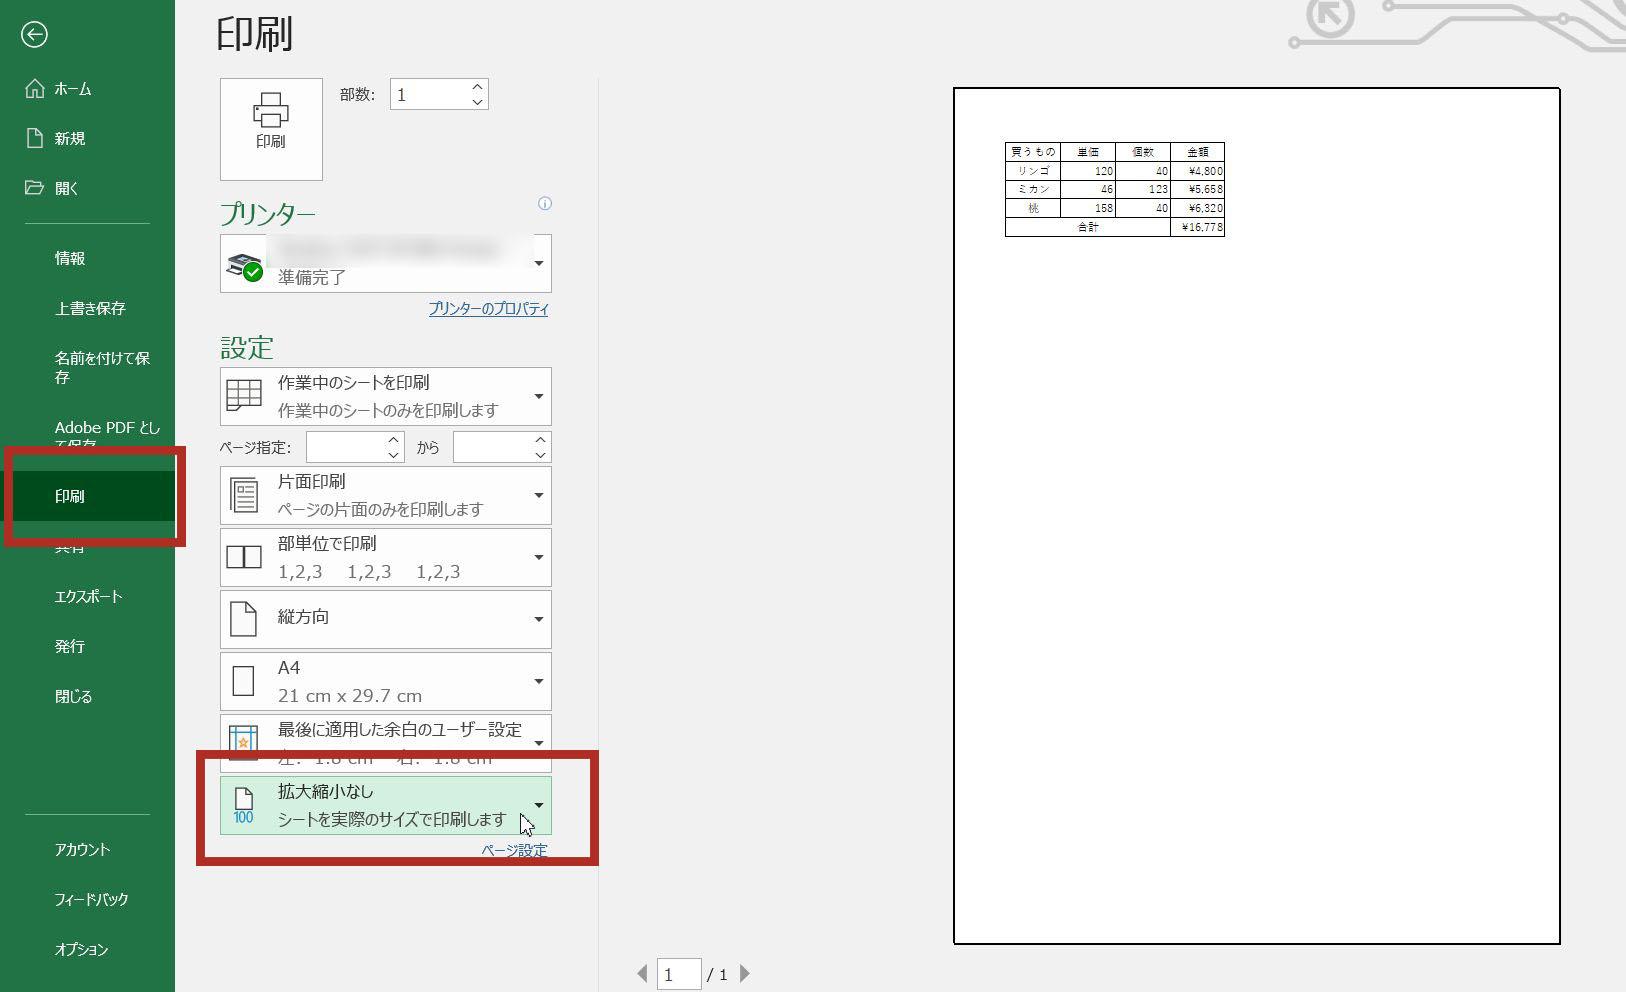 印刷 なる エクセル 小さく 【Excel】改ページプレビューのシートを印刷したらページが小さかった時の対処法